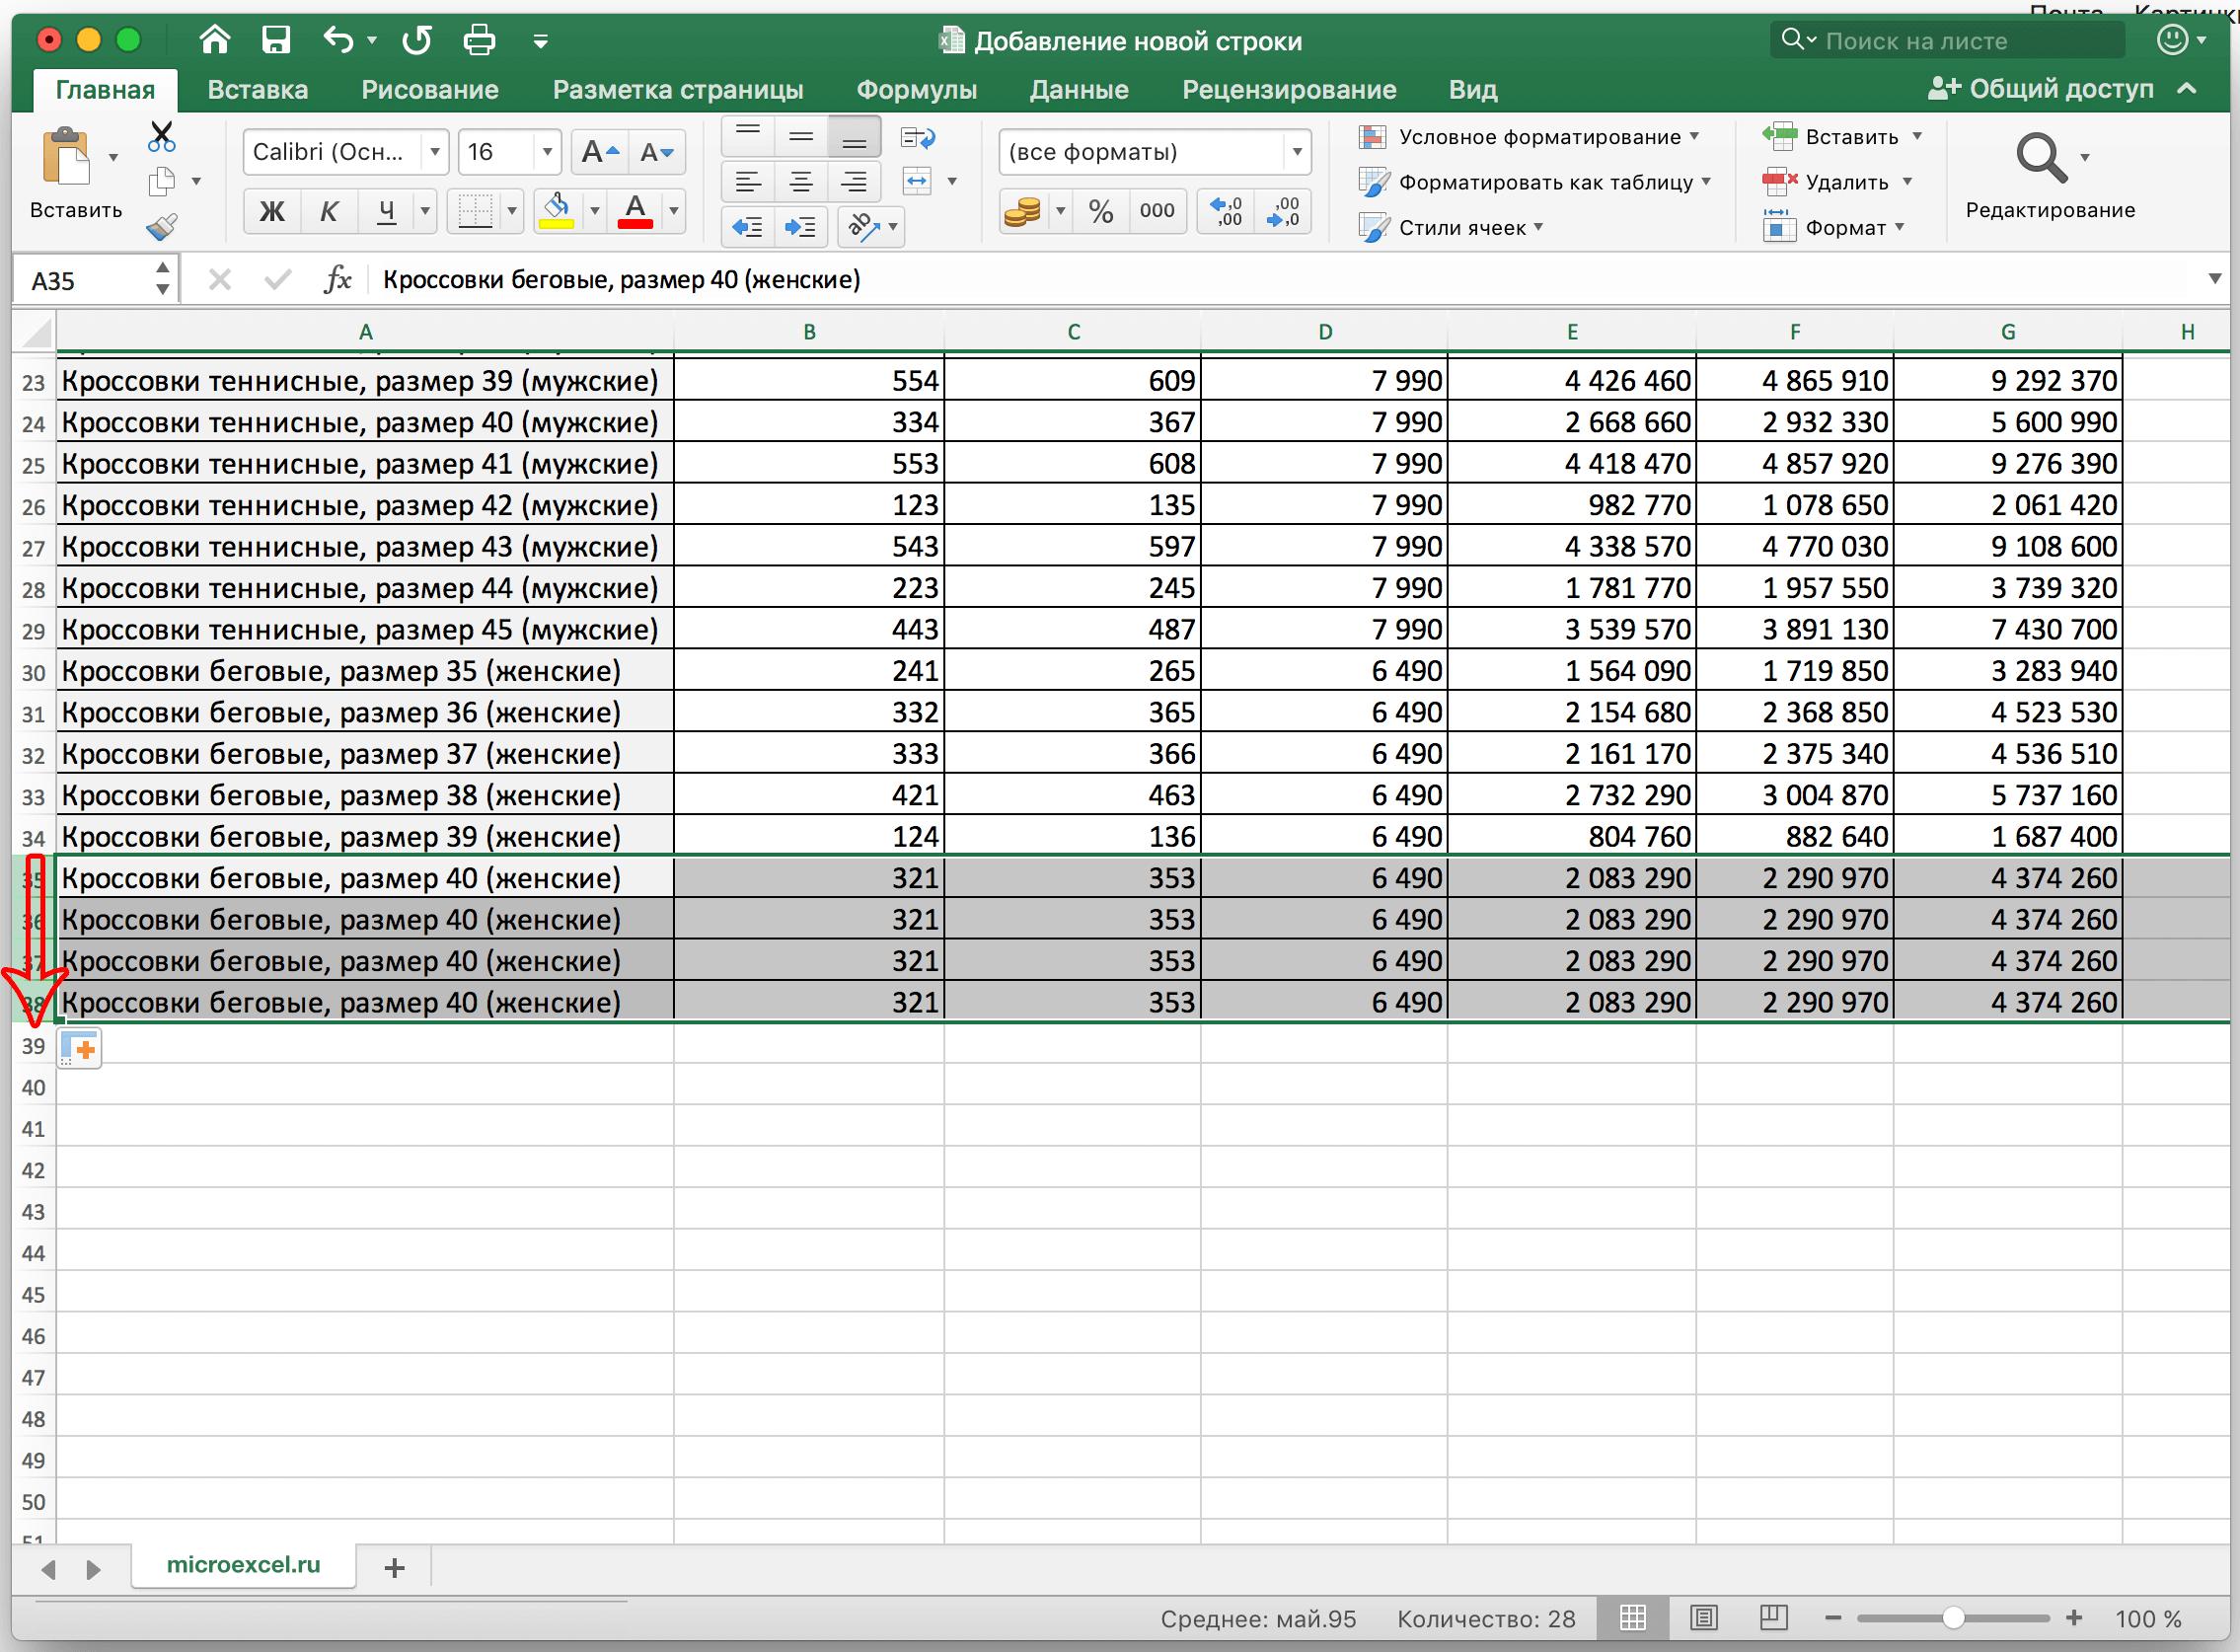 Как вставить новую строку в конце таблицы